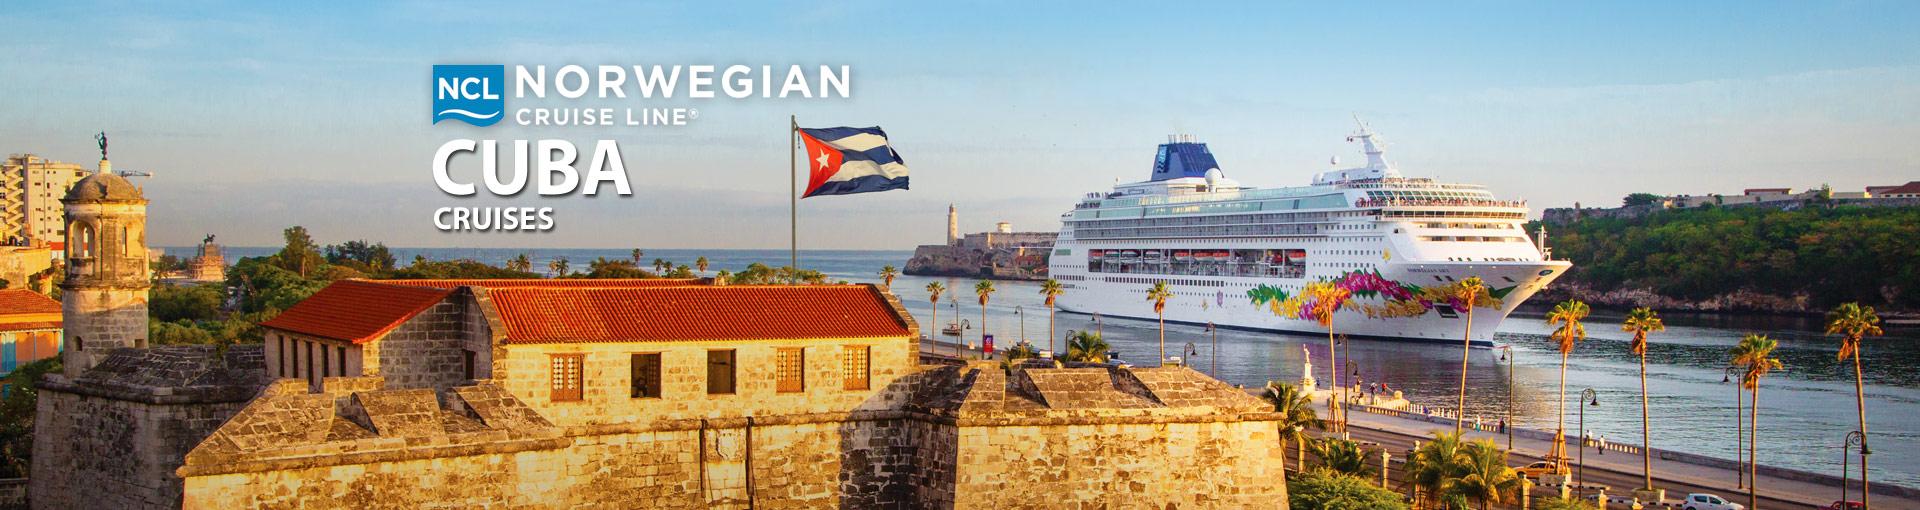 Norwegian Cruise Line Cuba Cruises